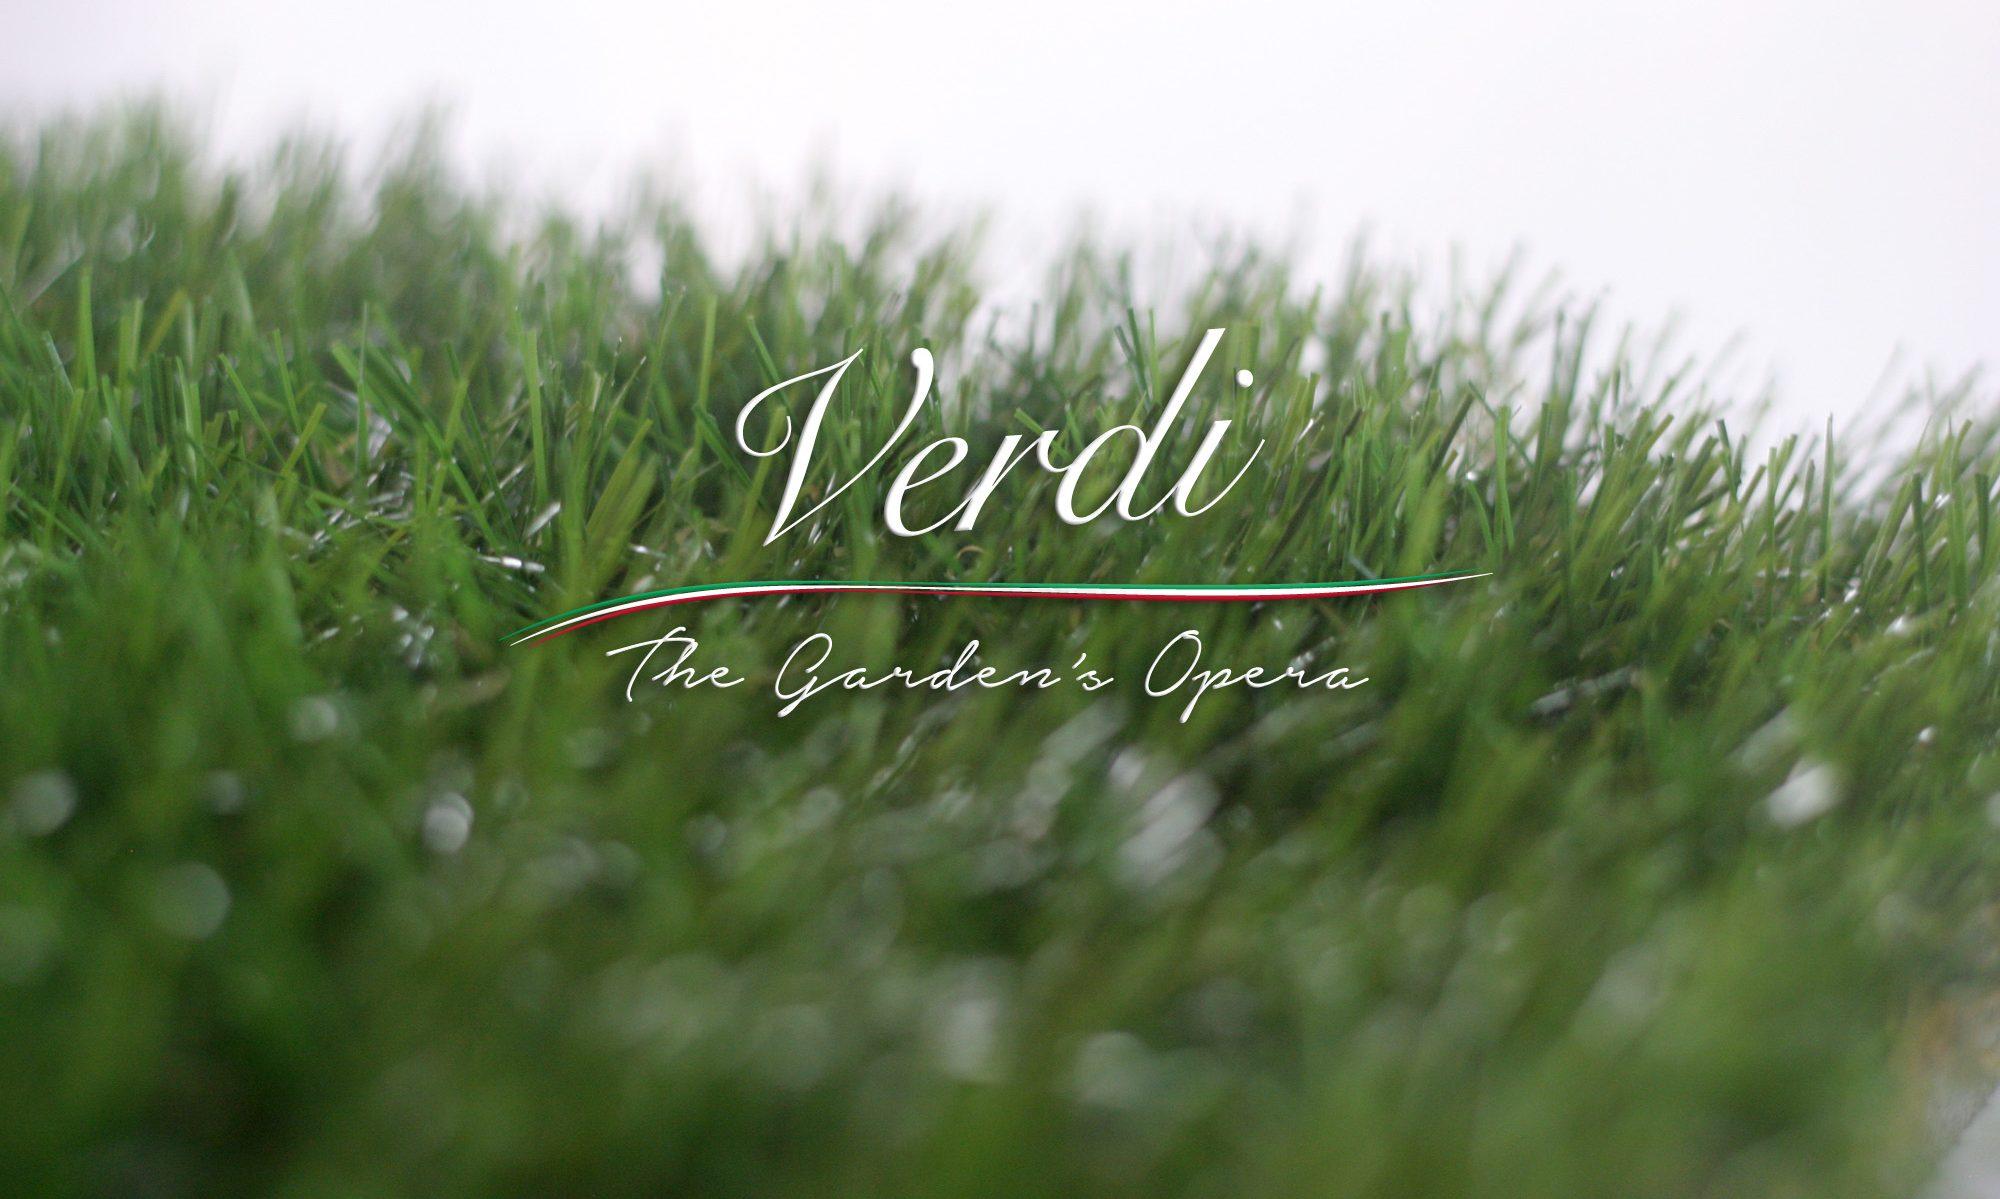 Verditaly